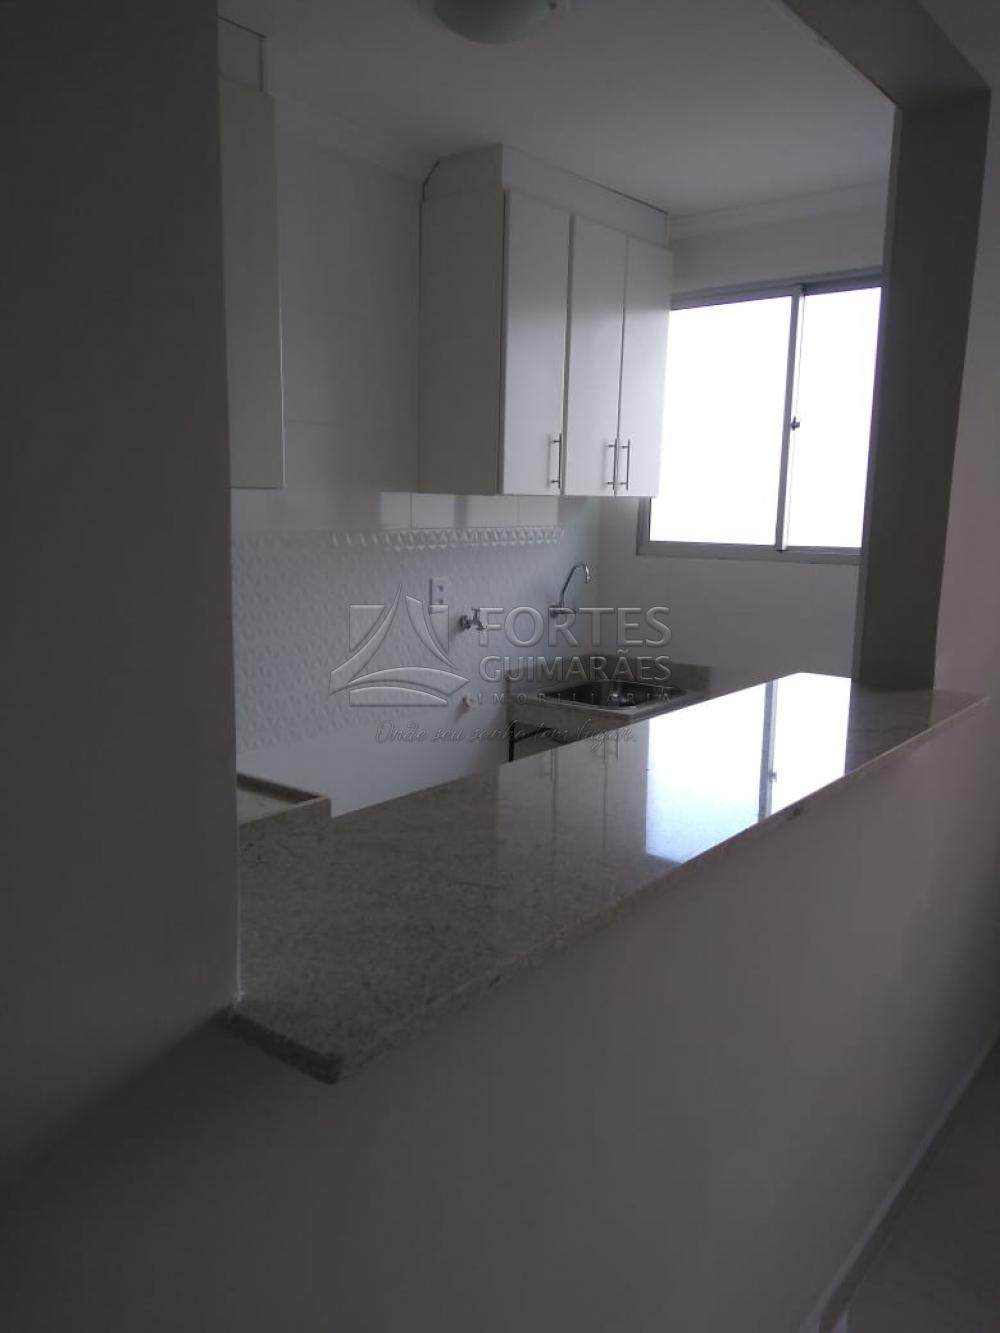 Alugar Apartamentos / Padrão em Ribeirão Preto apenas R$ 850,00 - Foto 15